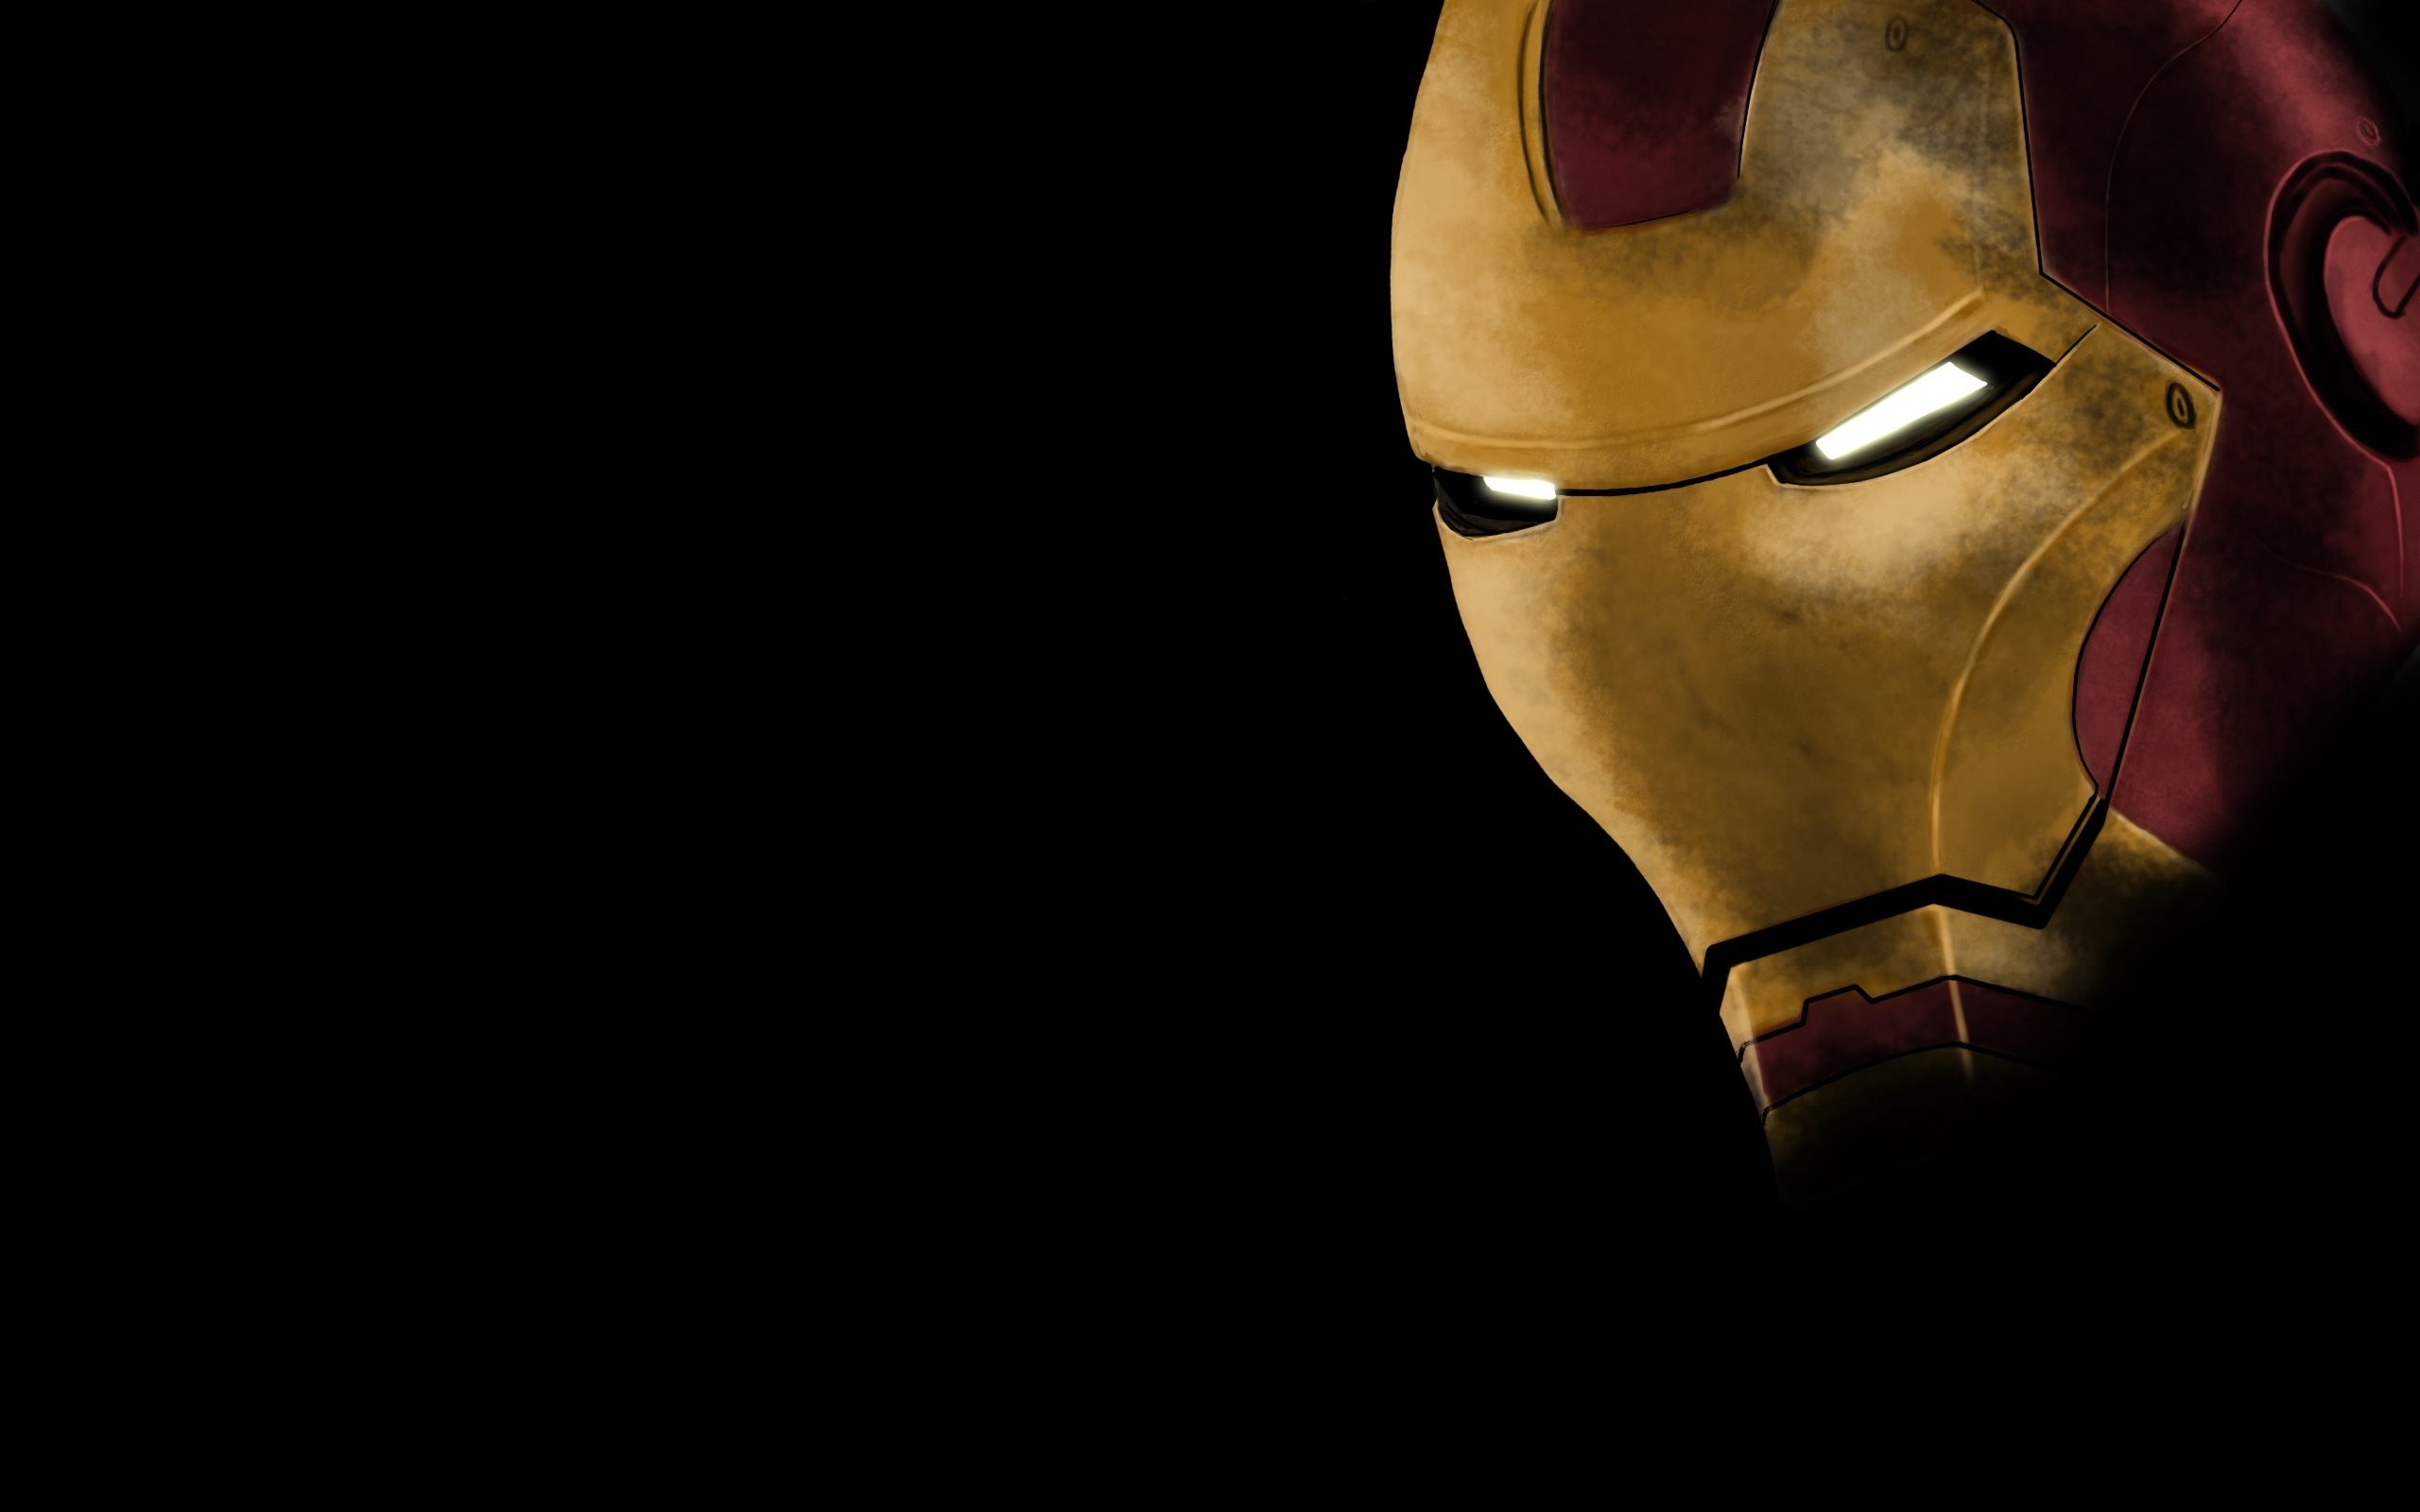 Most Inspiring Wallpaper High Resolution Iron Man - iron-man-helmet-wallpaper-32340-33085-hd-wallpapers  Snapshot_154624.jpg